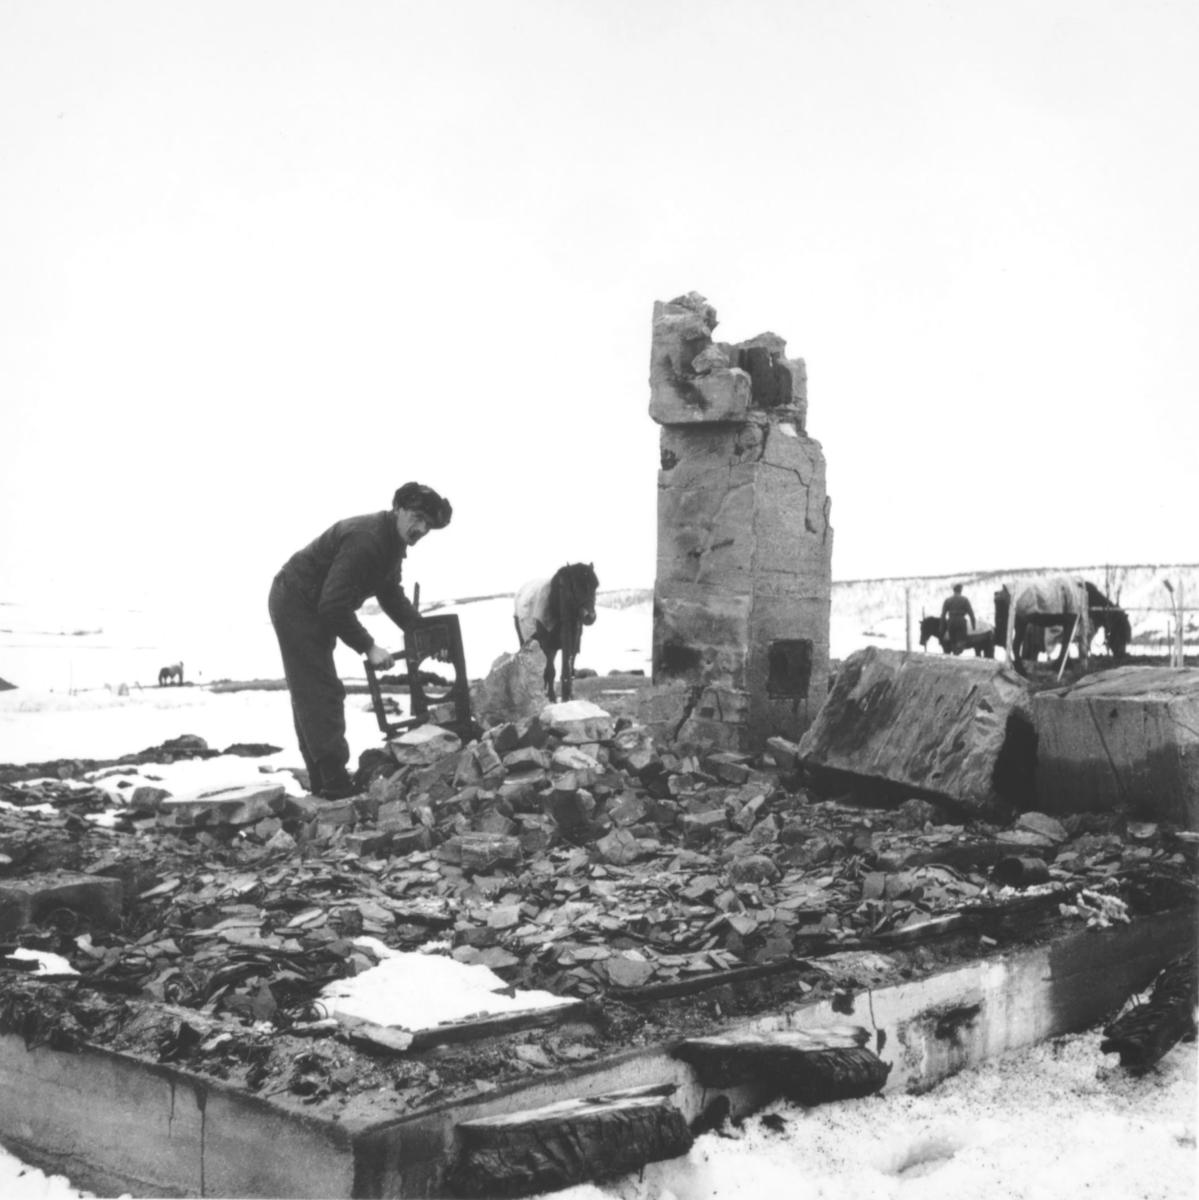 En branntomt, trolig i Porsanger eller Karasjok. Det er kun grunnmuren og litt av pipa igjen. En mann leiter i ruinene. Det er noen hester med på bildet.